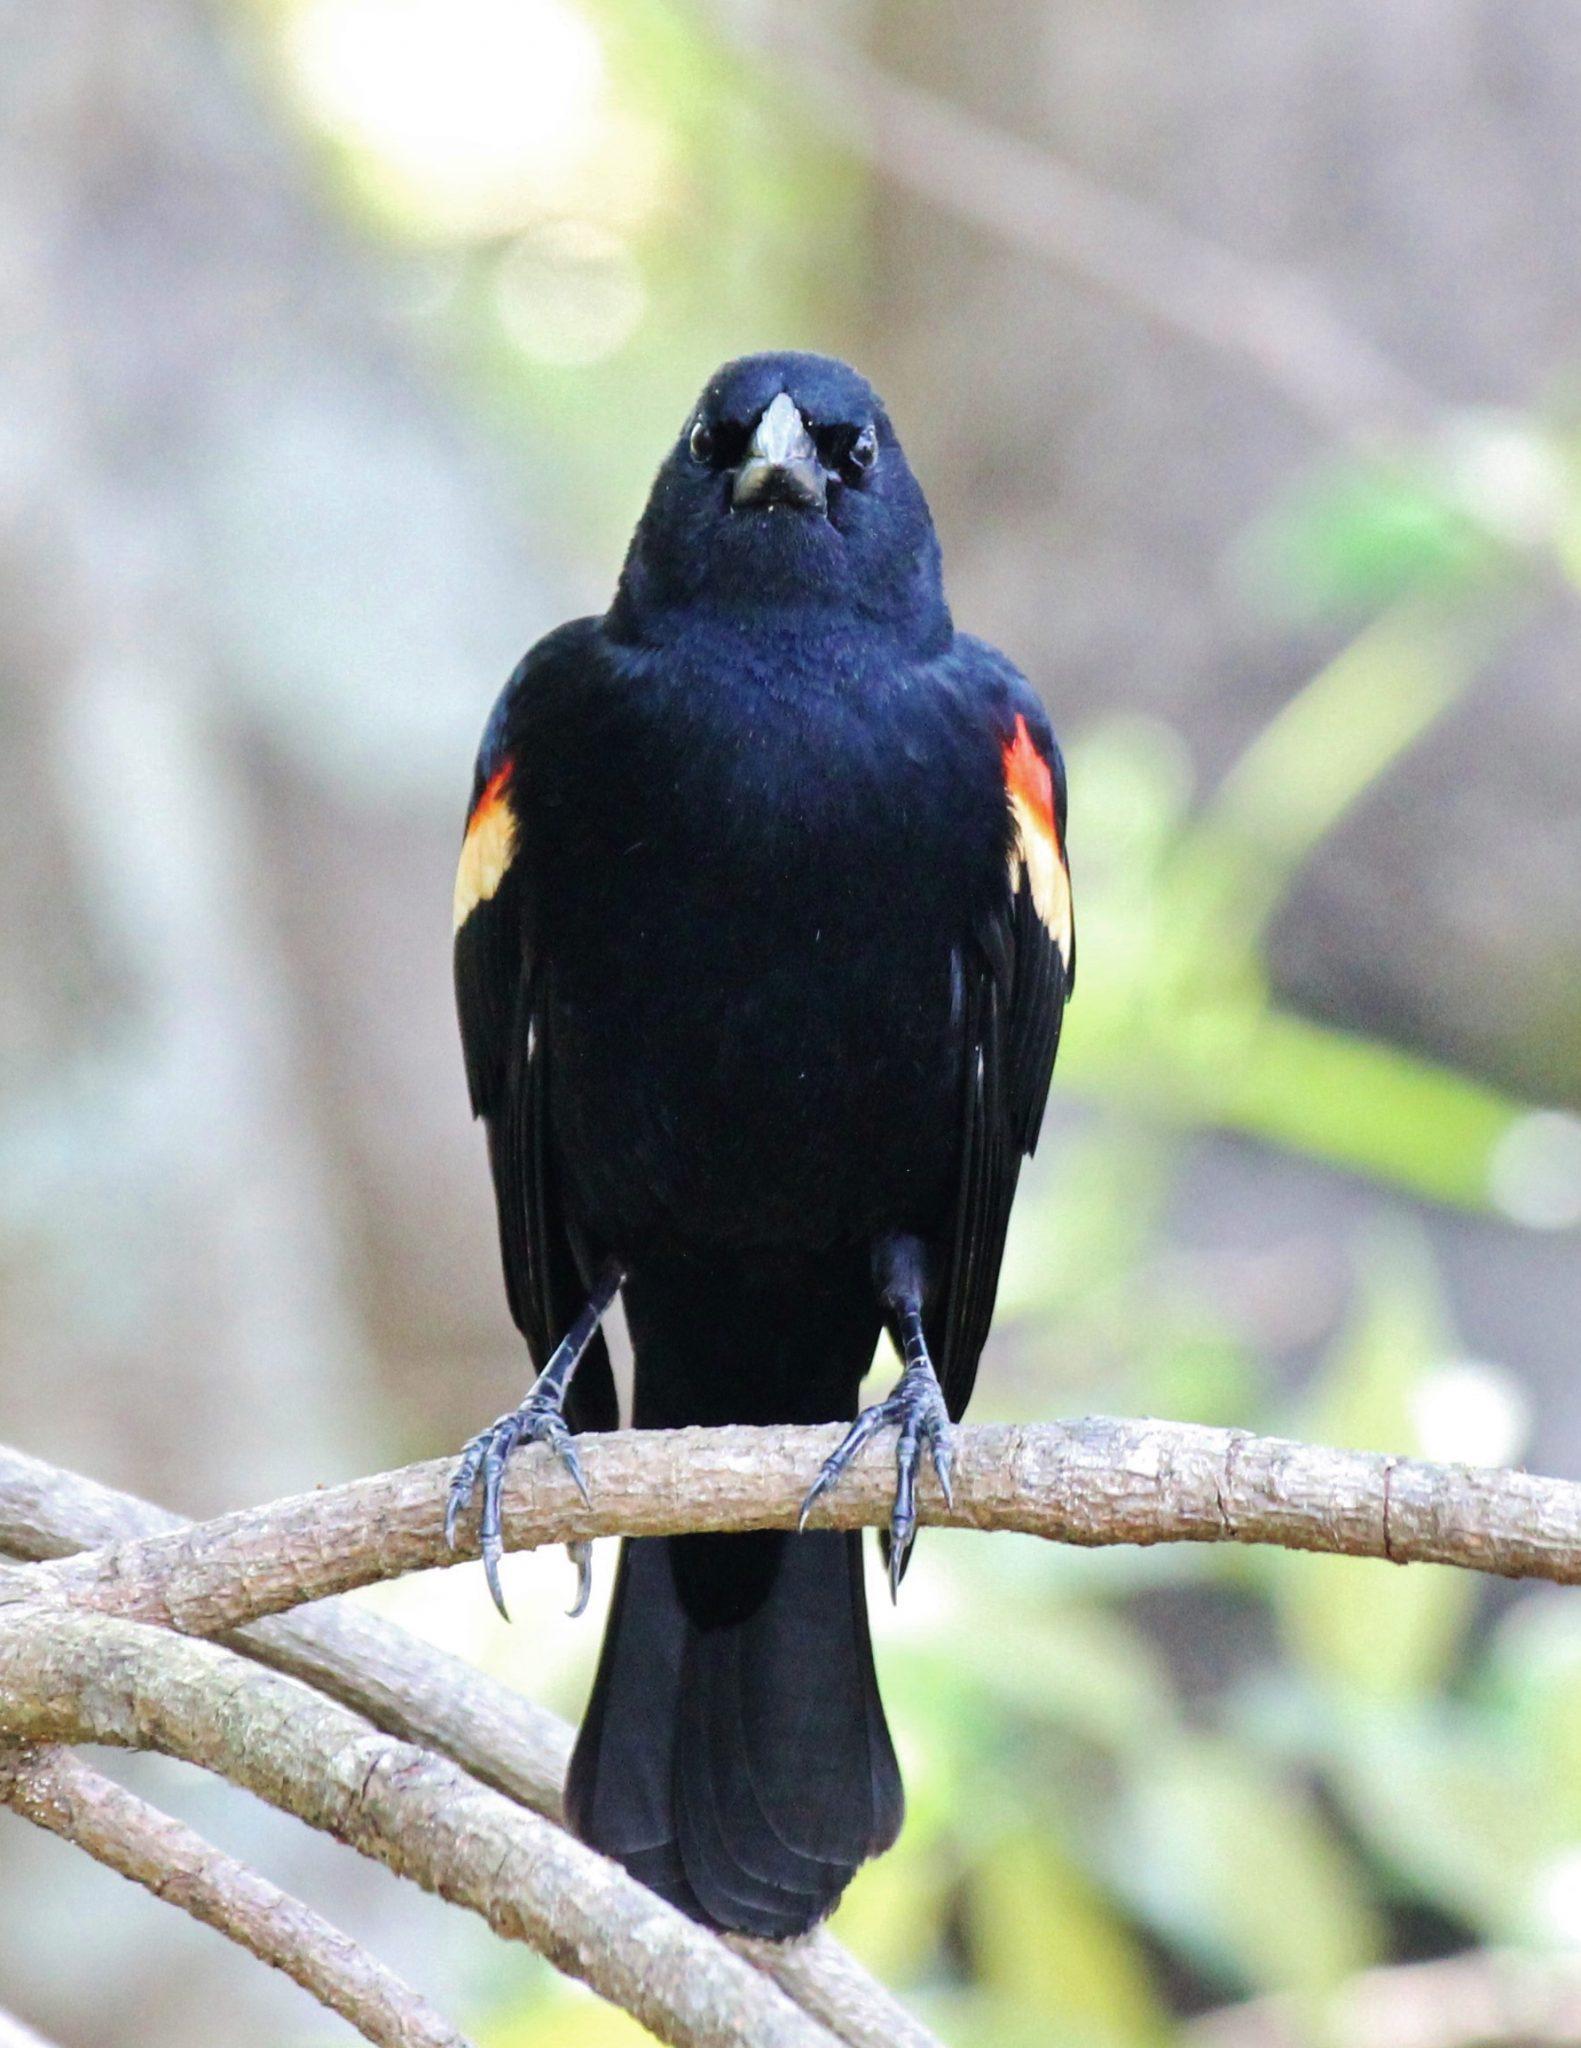 Redwing Blackbird Atten-Hut